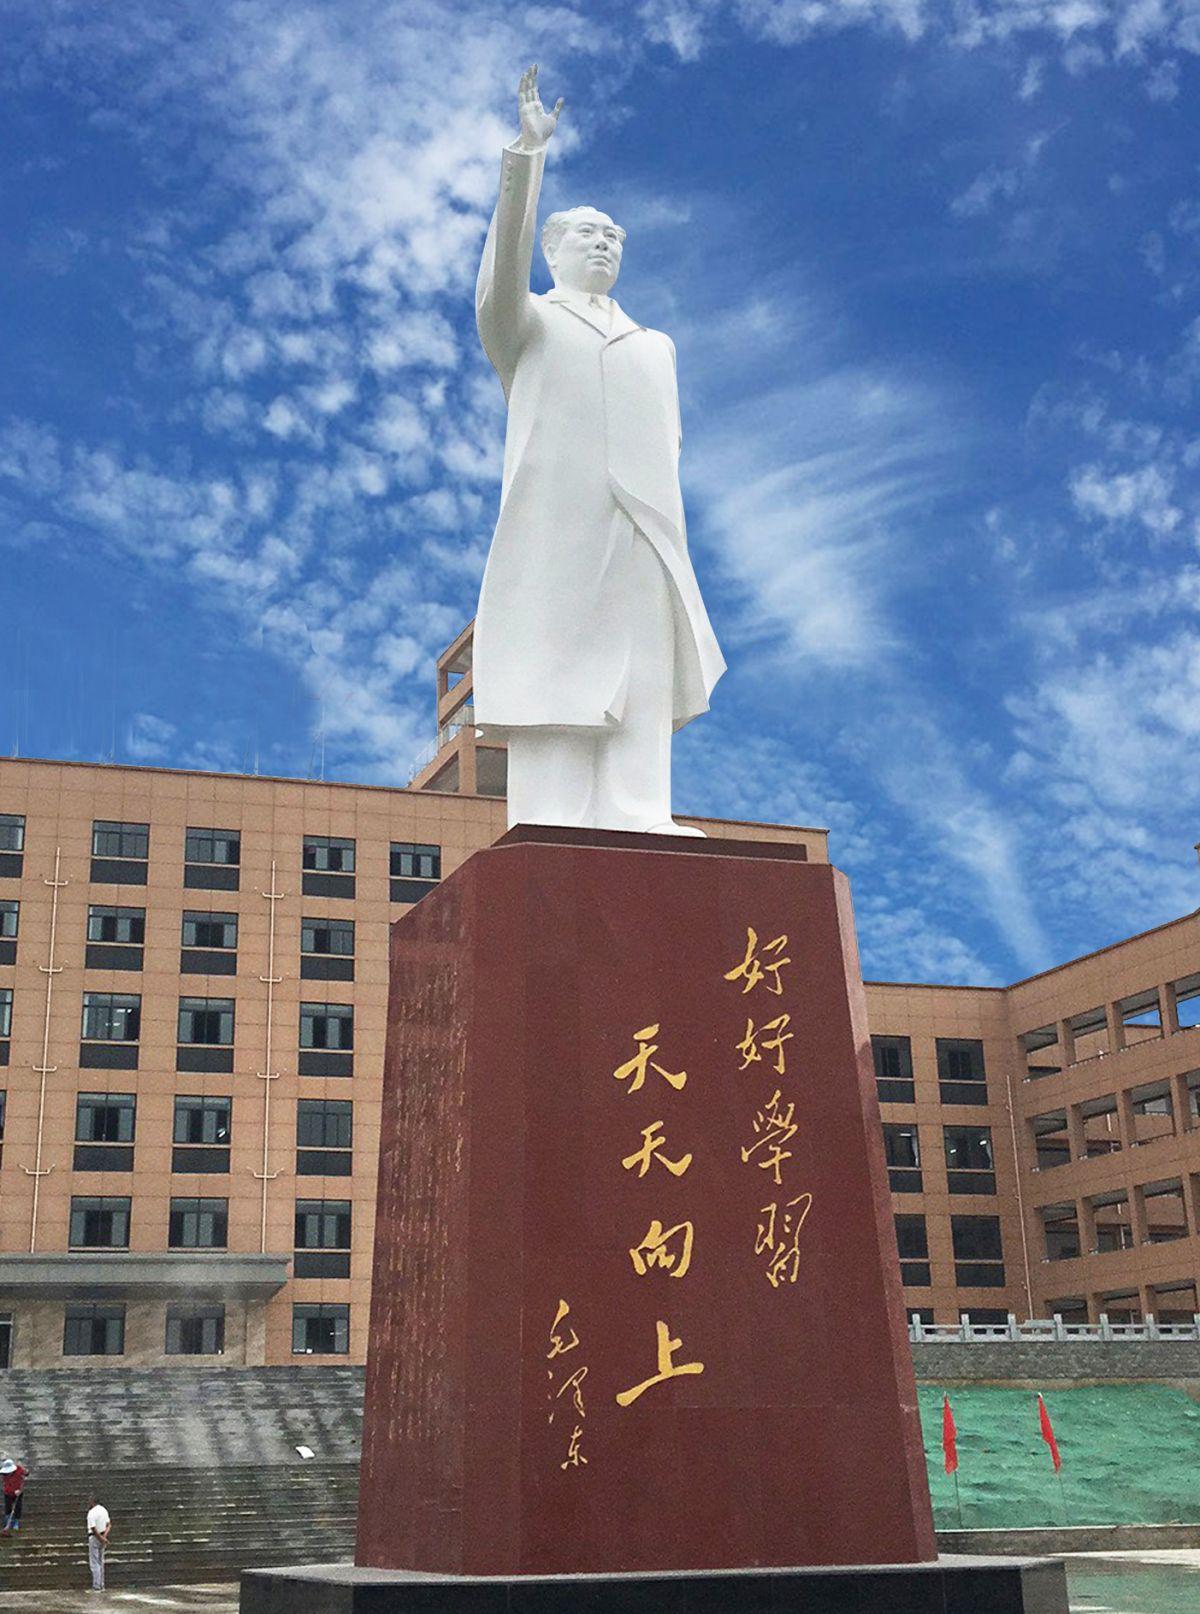 贵州人物雕塑厂家/贵州雕塑公司/贵州雕塑工厂